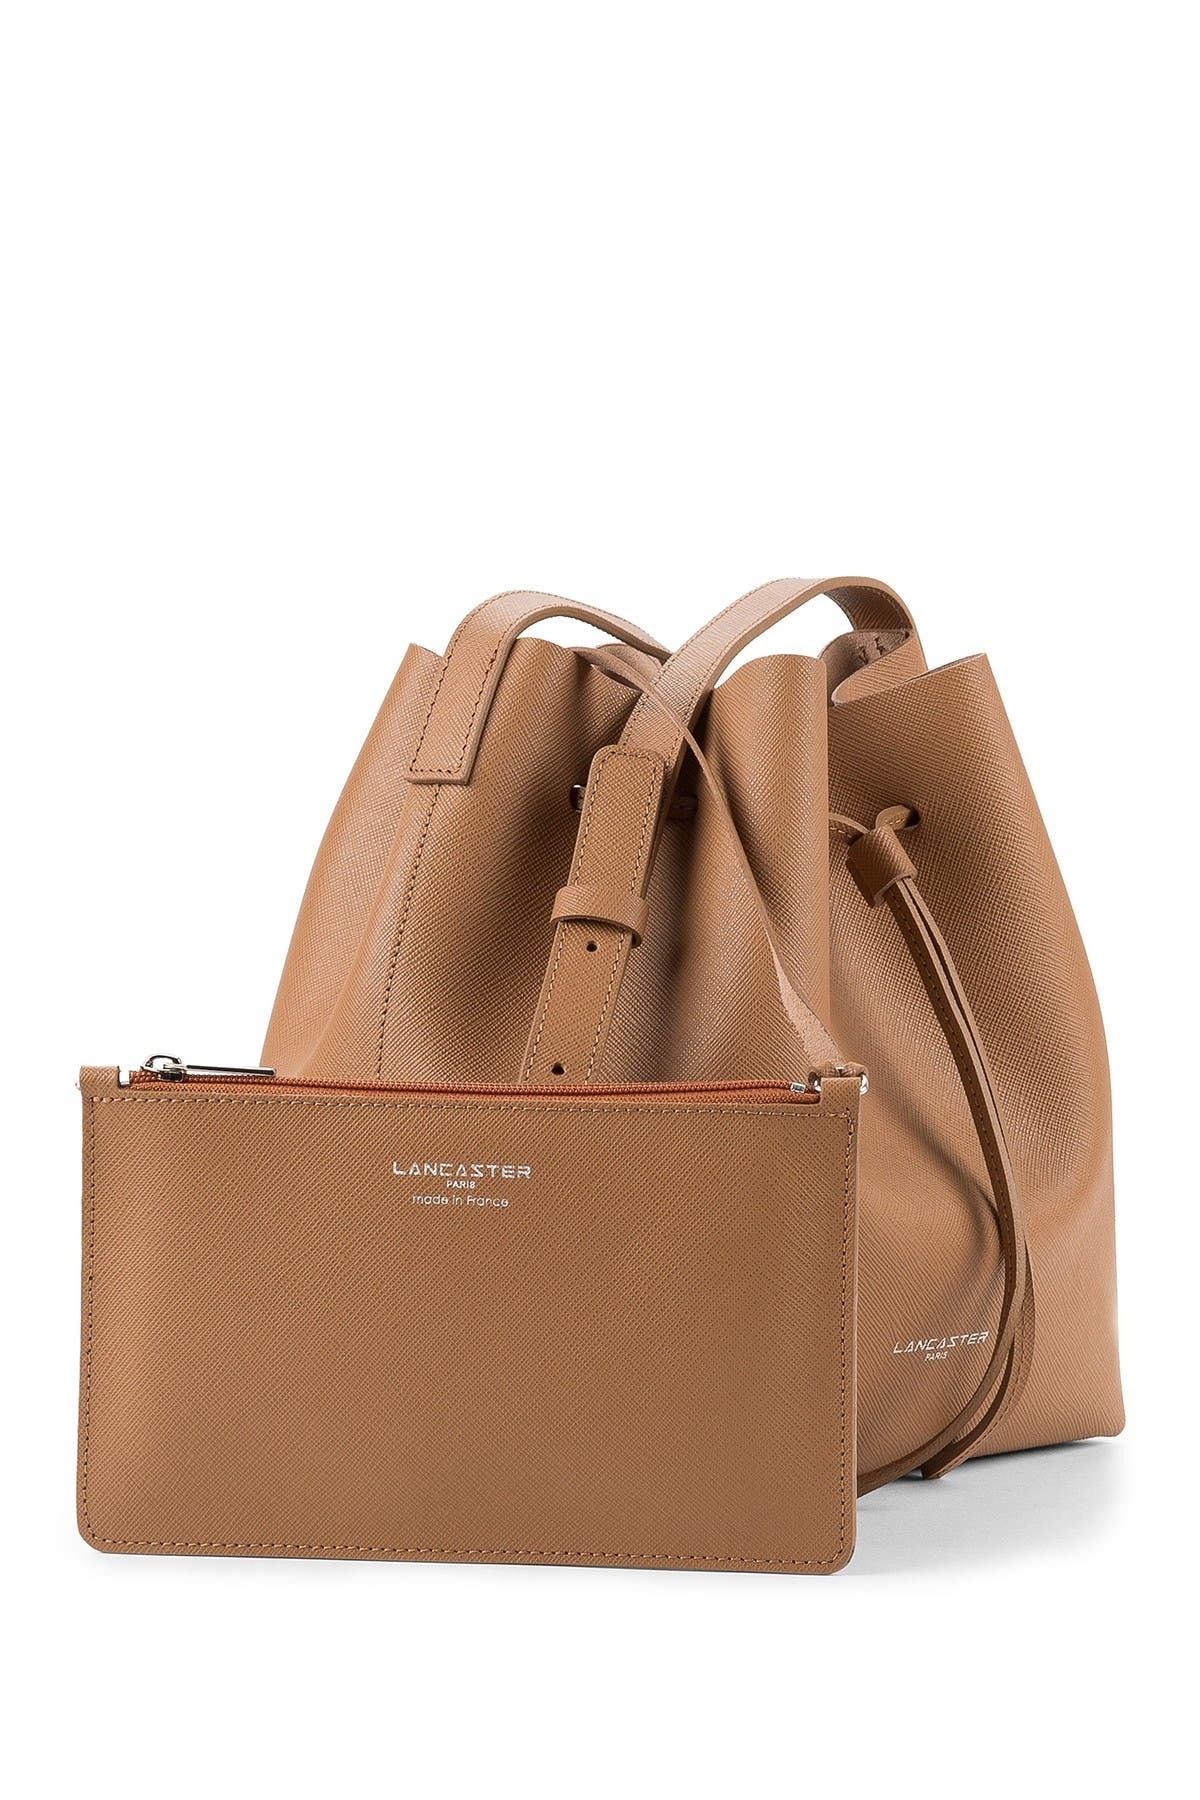 Image of Lancaster Paris Pur Saffiano Leather Bucket Bag